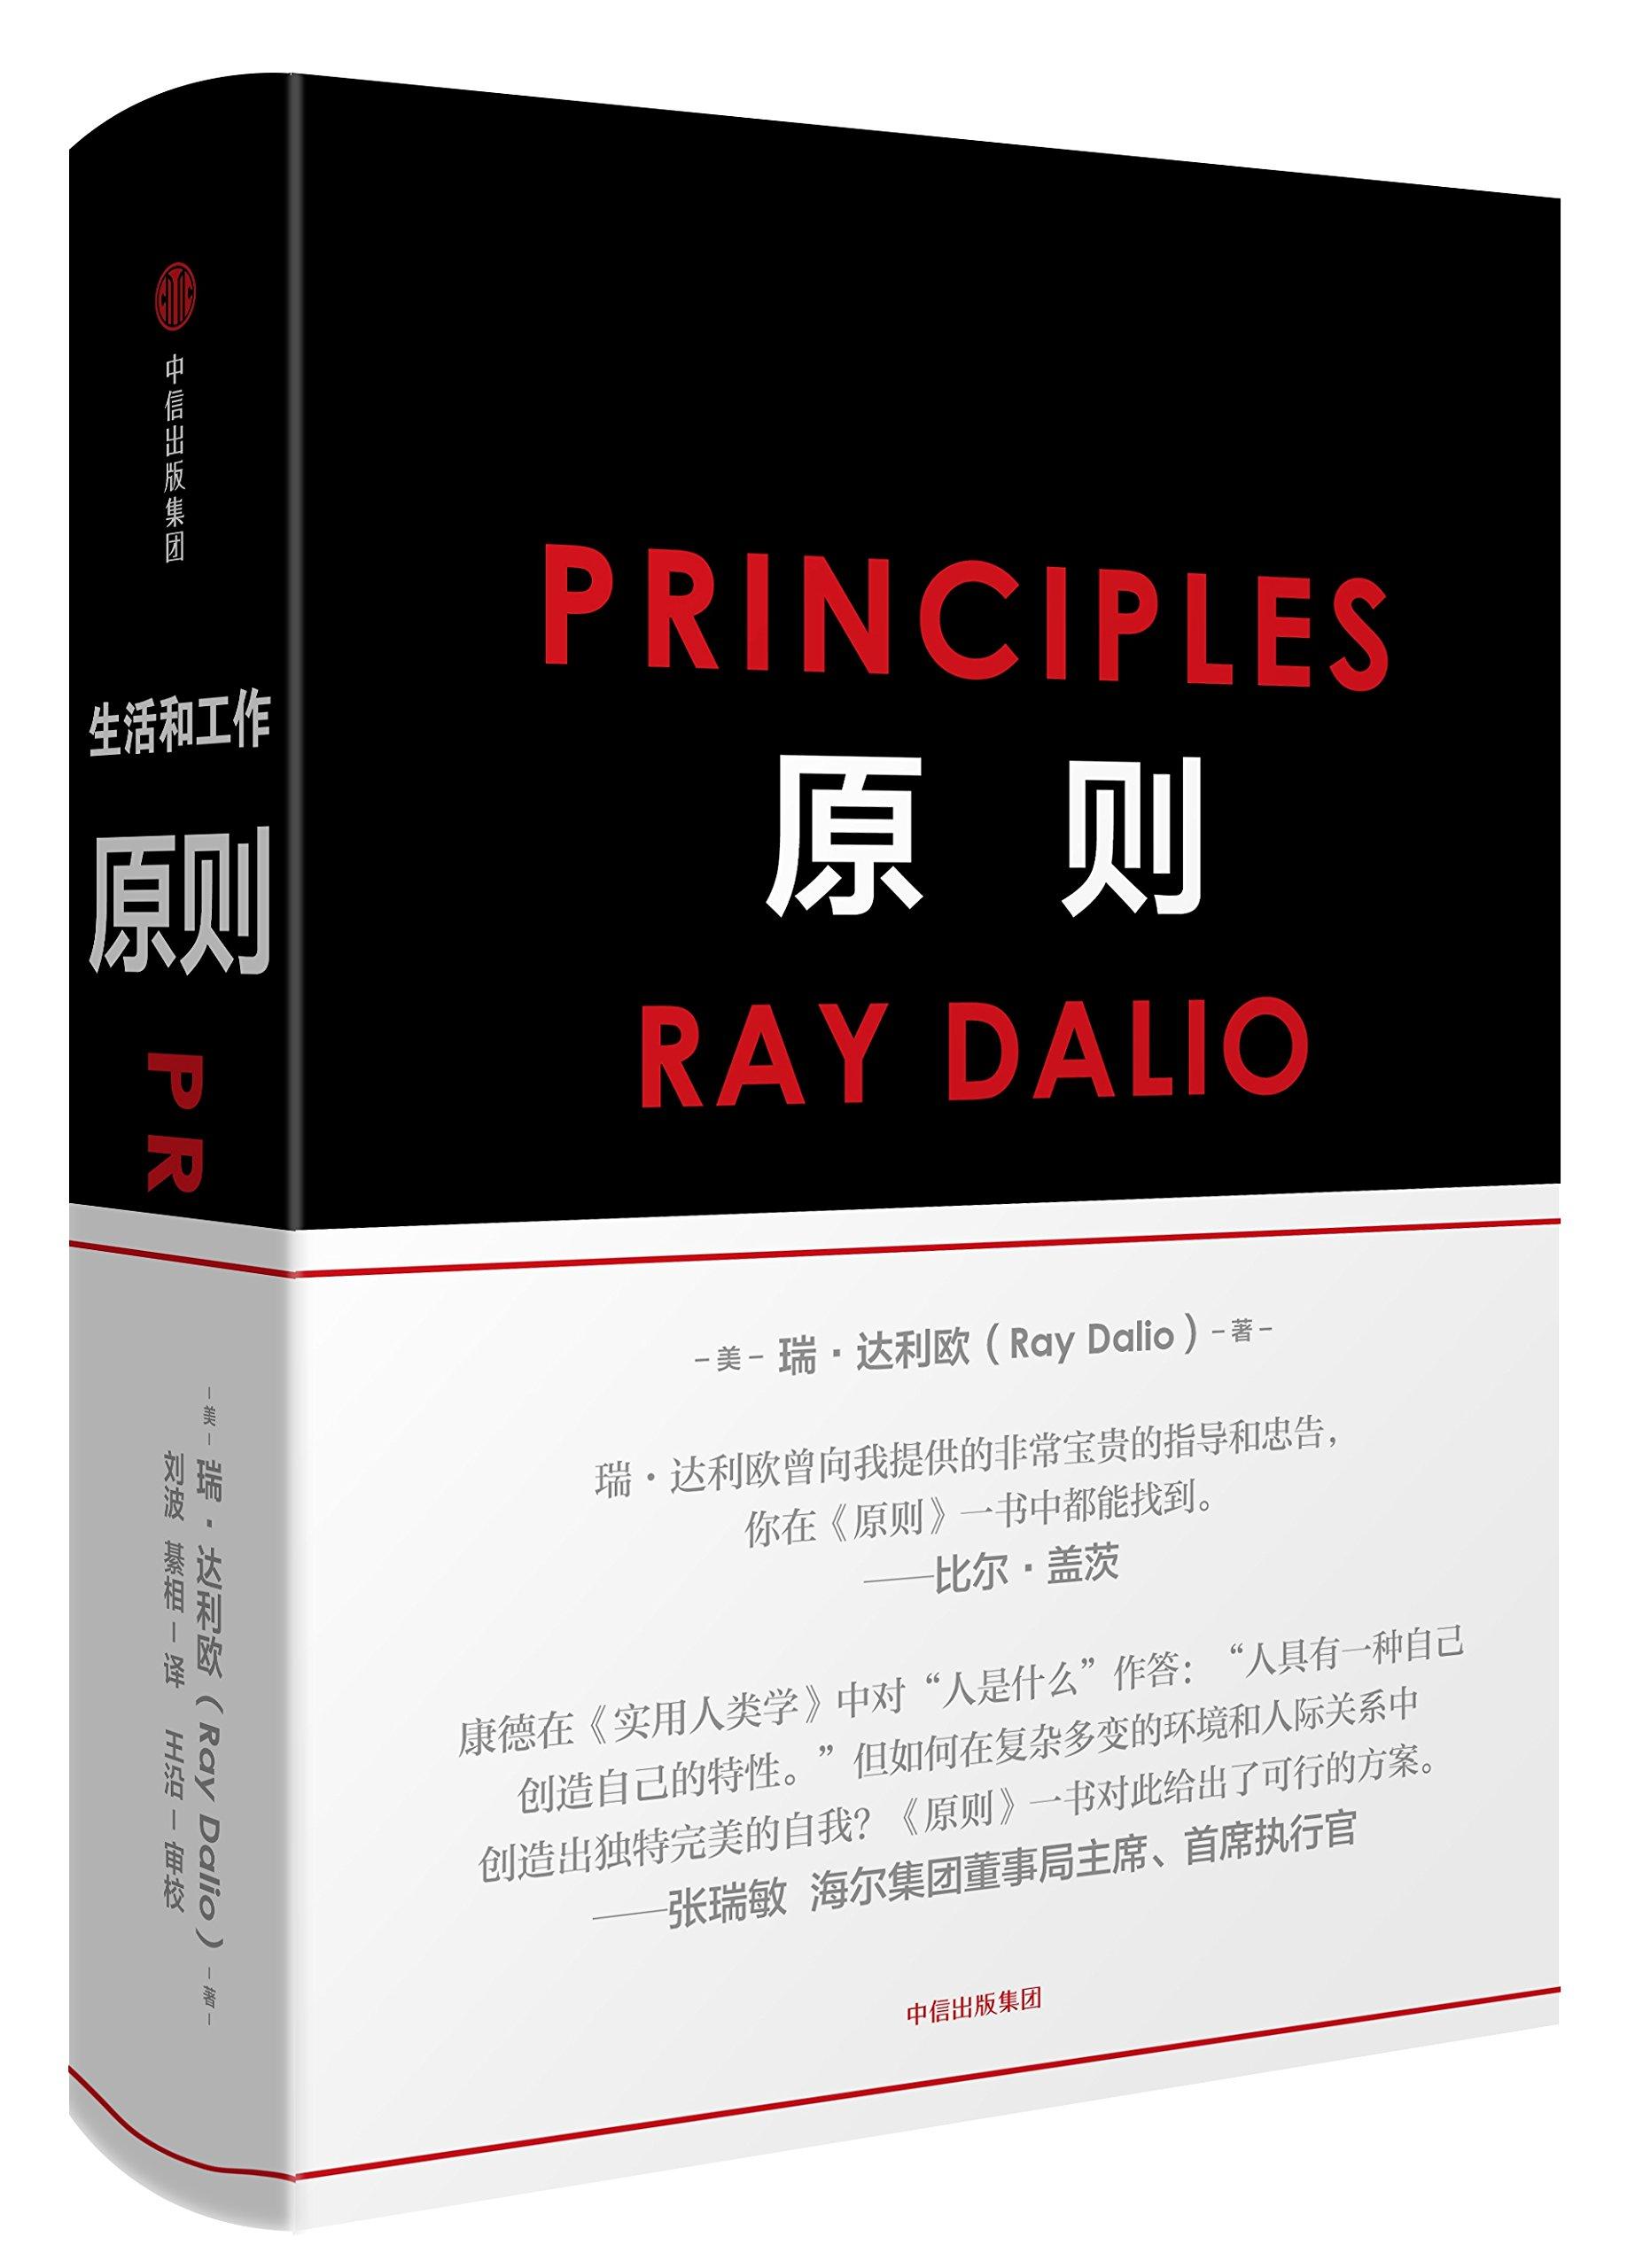 正版 原则 中文版 精装 RayDalio著 principles 瑞 达利欧 雷 达里奥作品 中信出版社 桥水基金爆裂商业管理类书籍 正版书籍